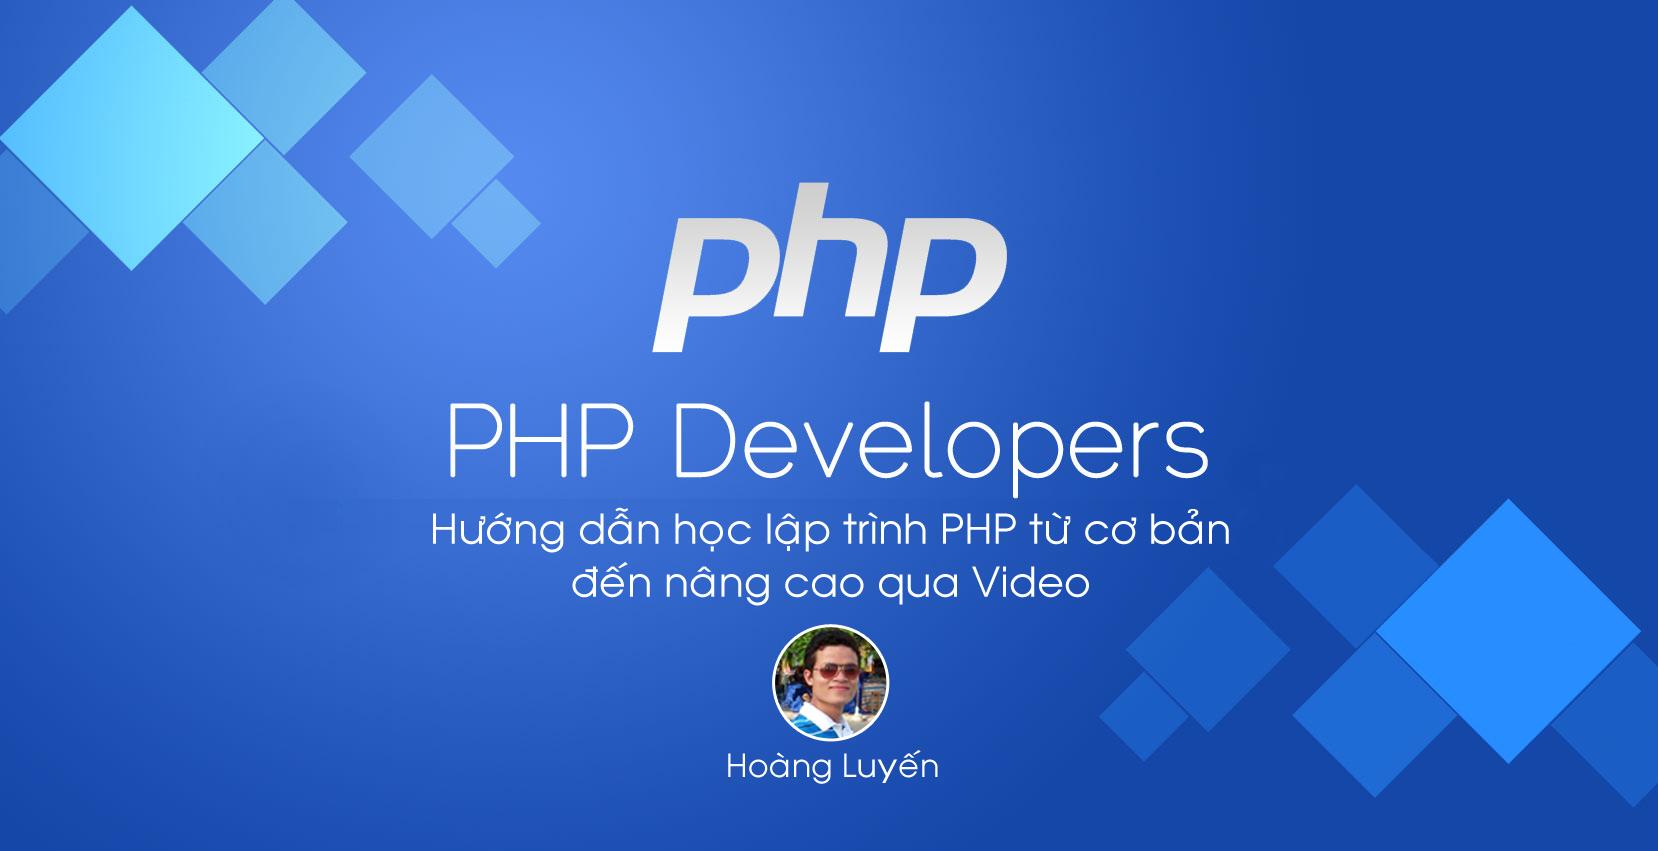 Hướng dẫn học PHP toàn tập từ Cơ bản đến Nâng cao